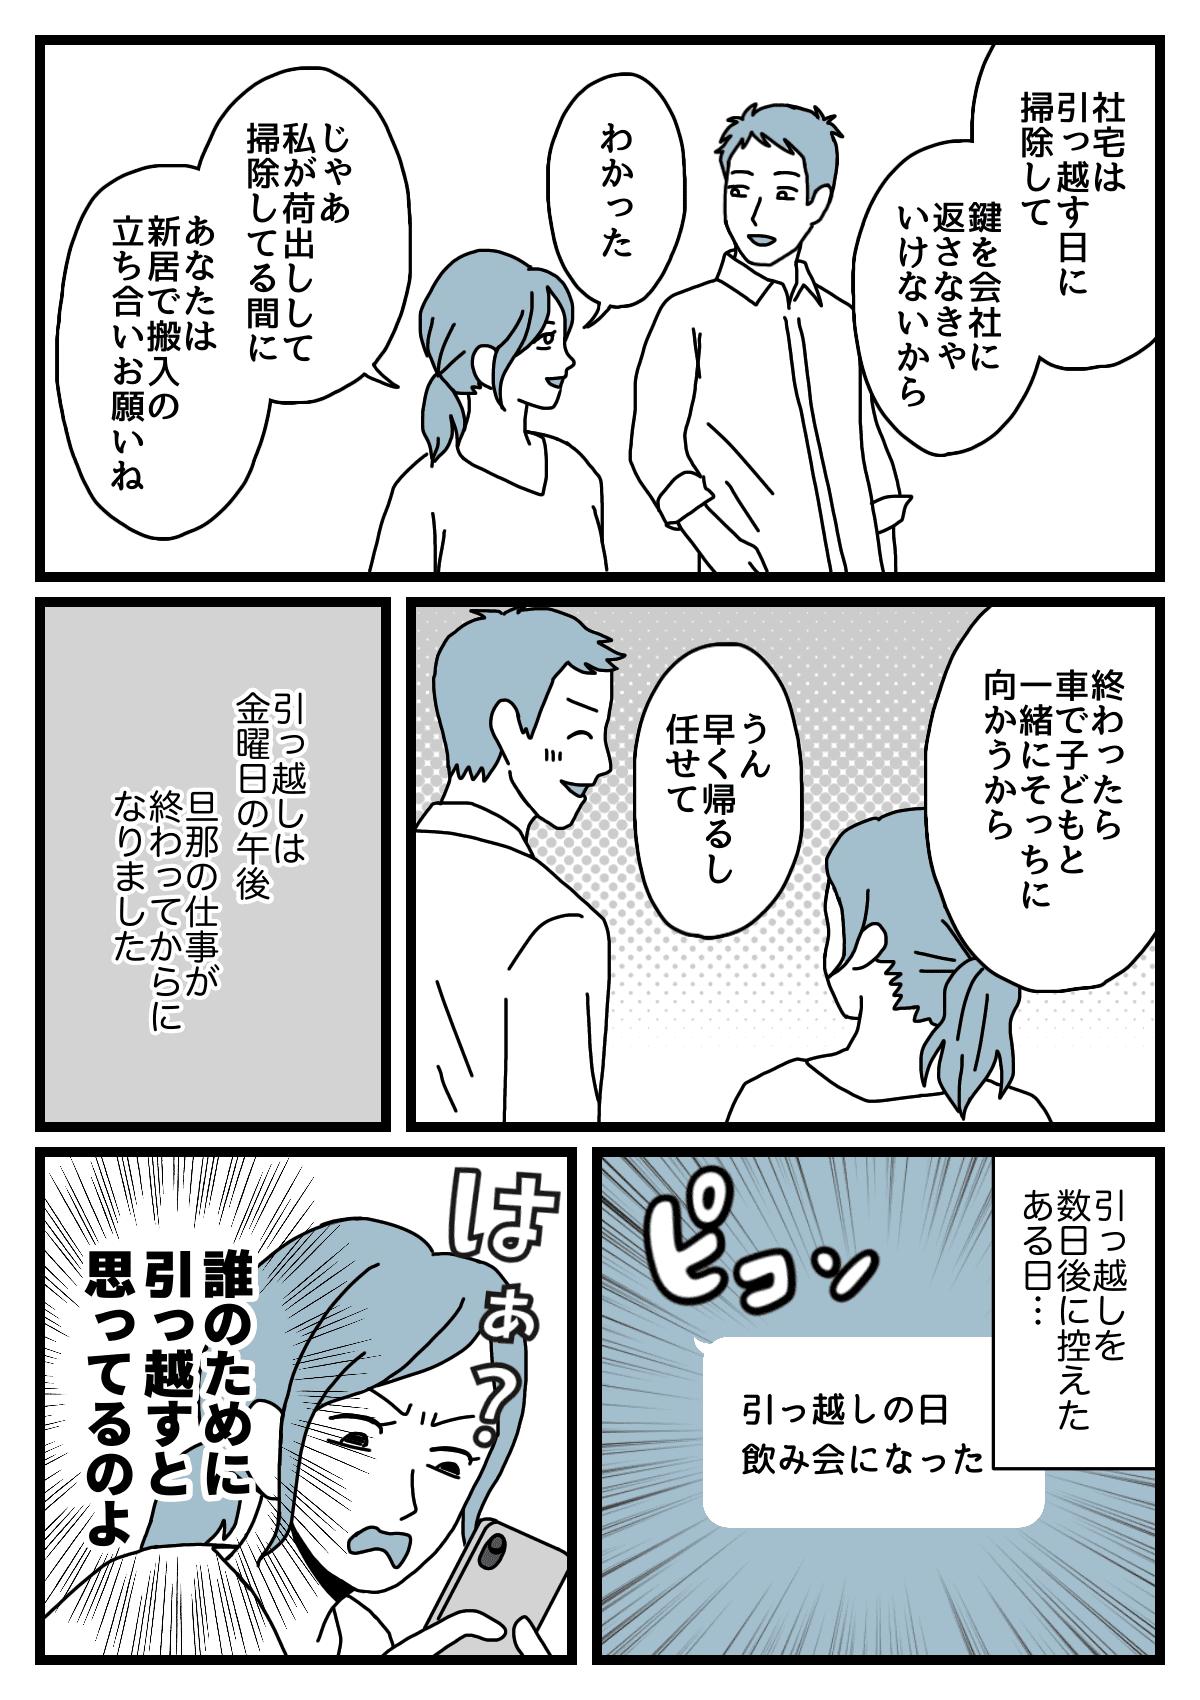 【前編】転勤族3